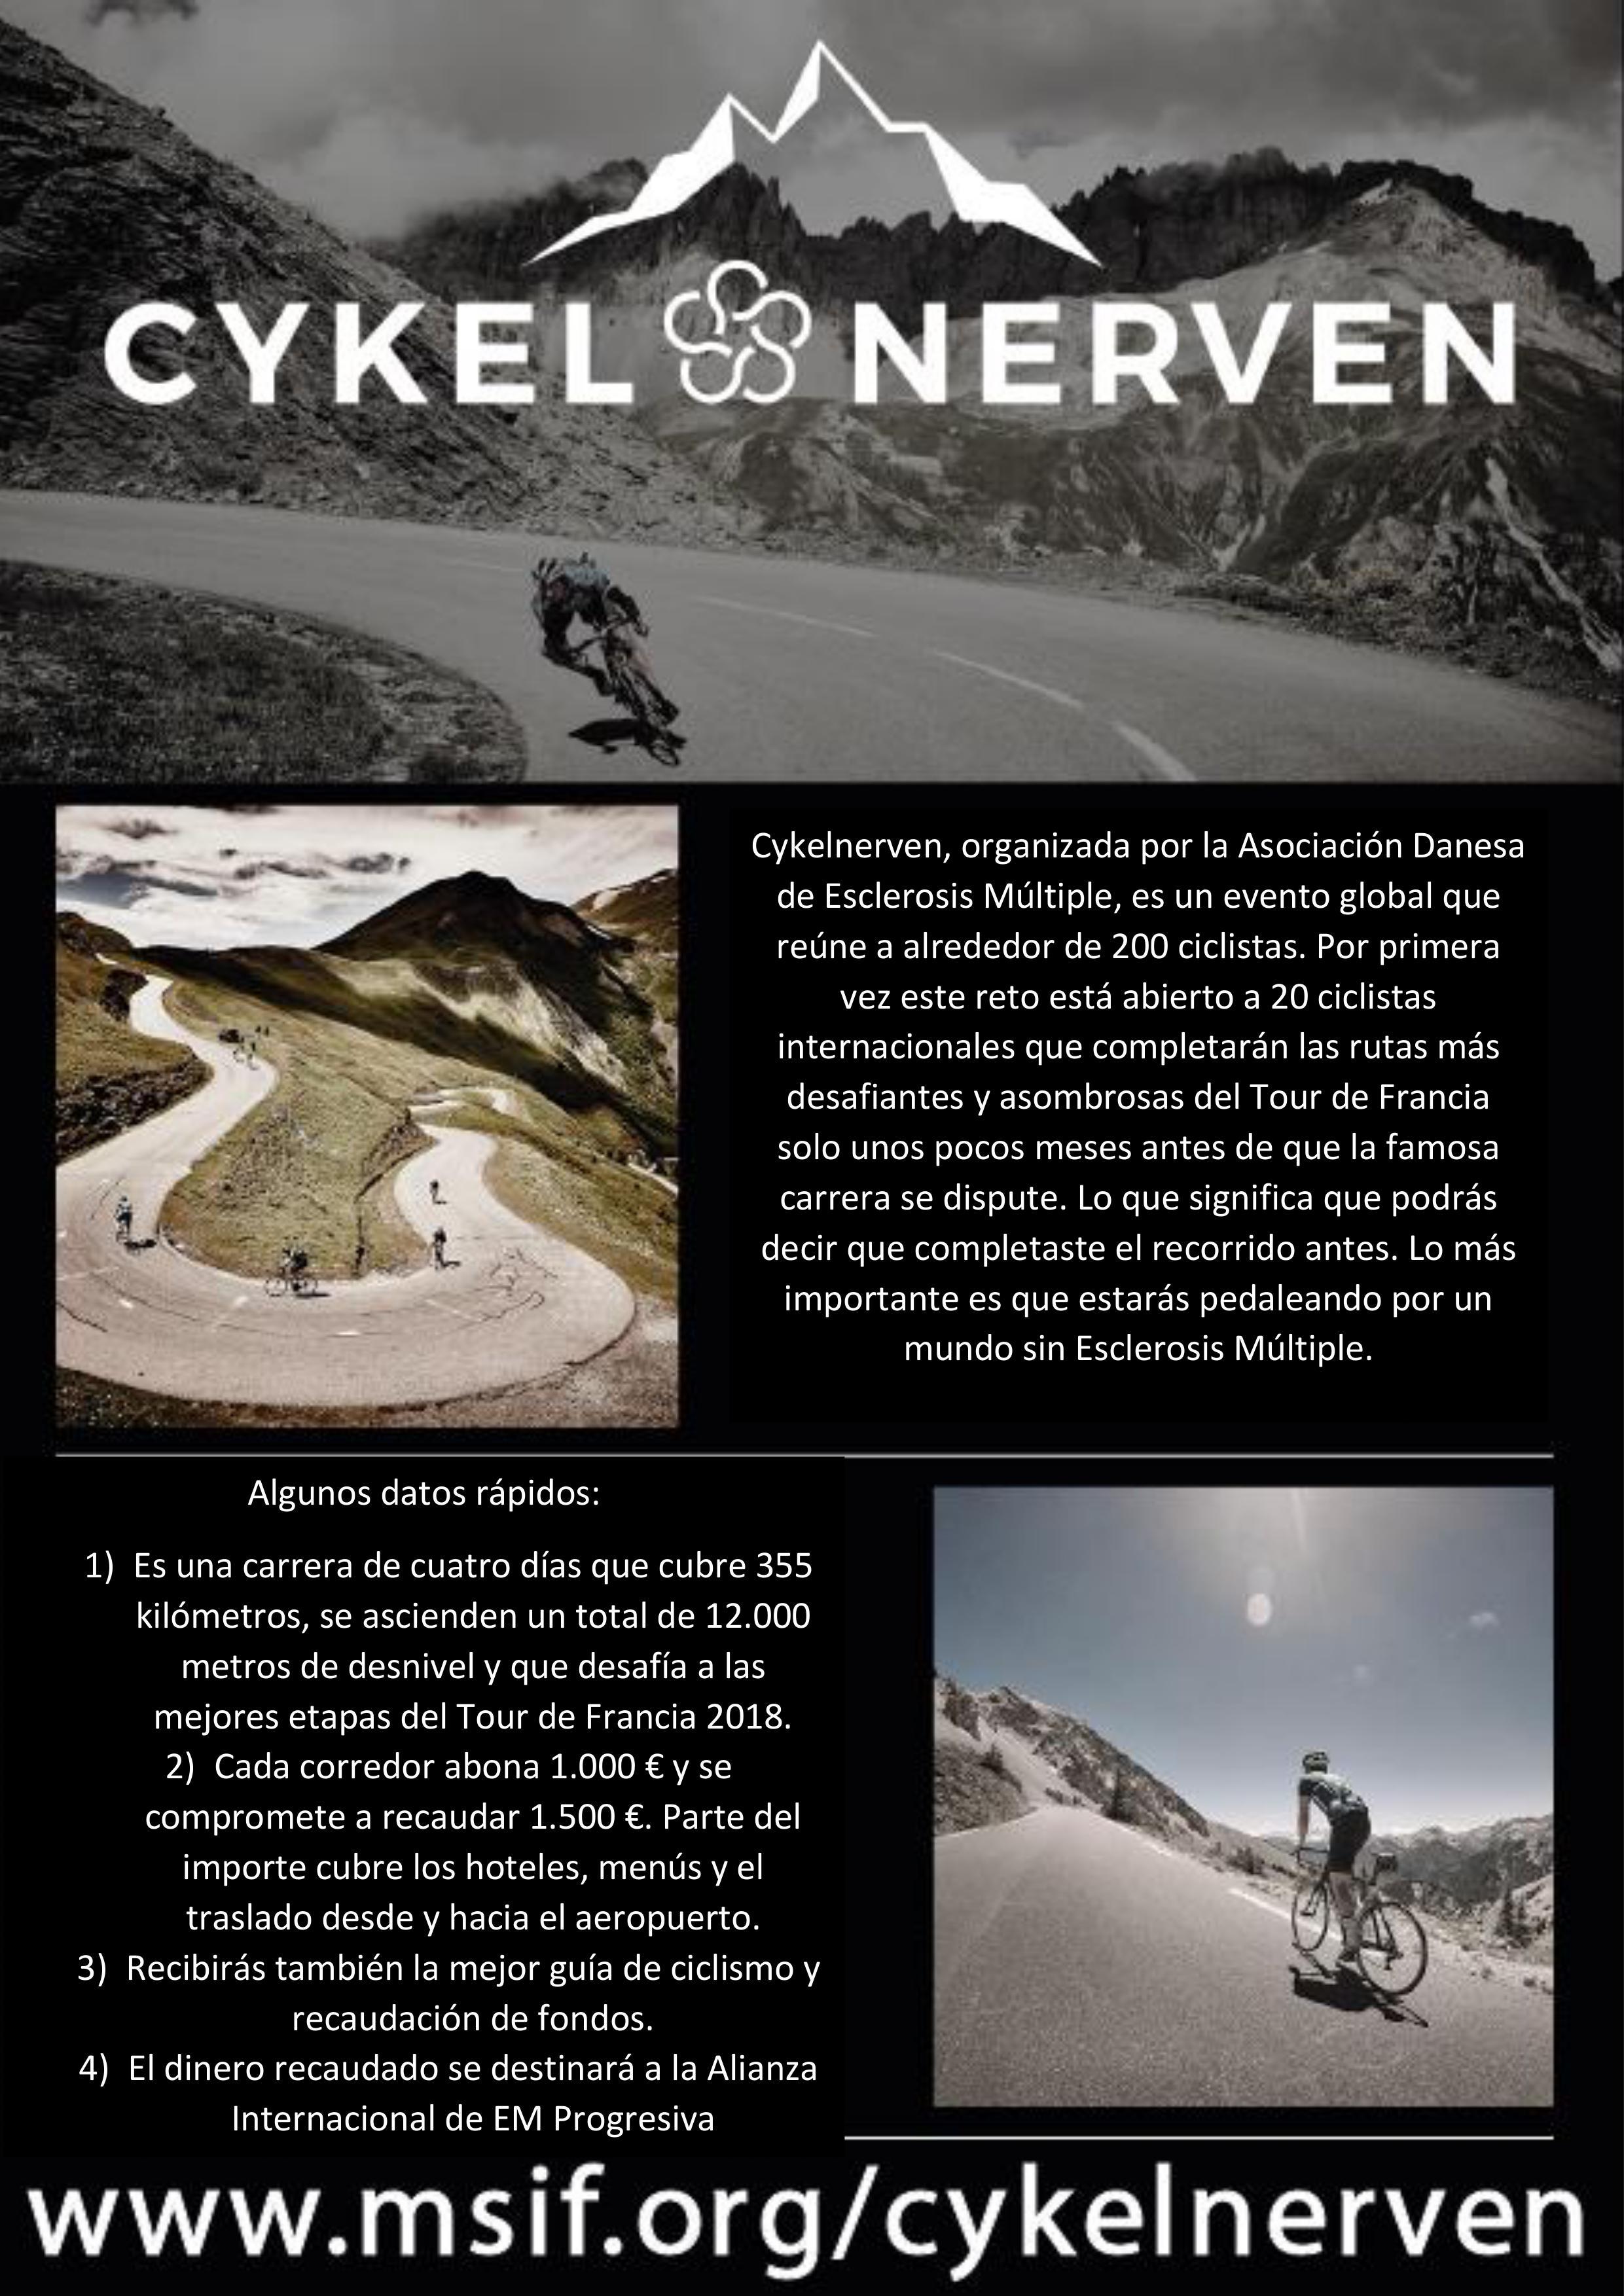 Cykelnerven